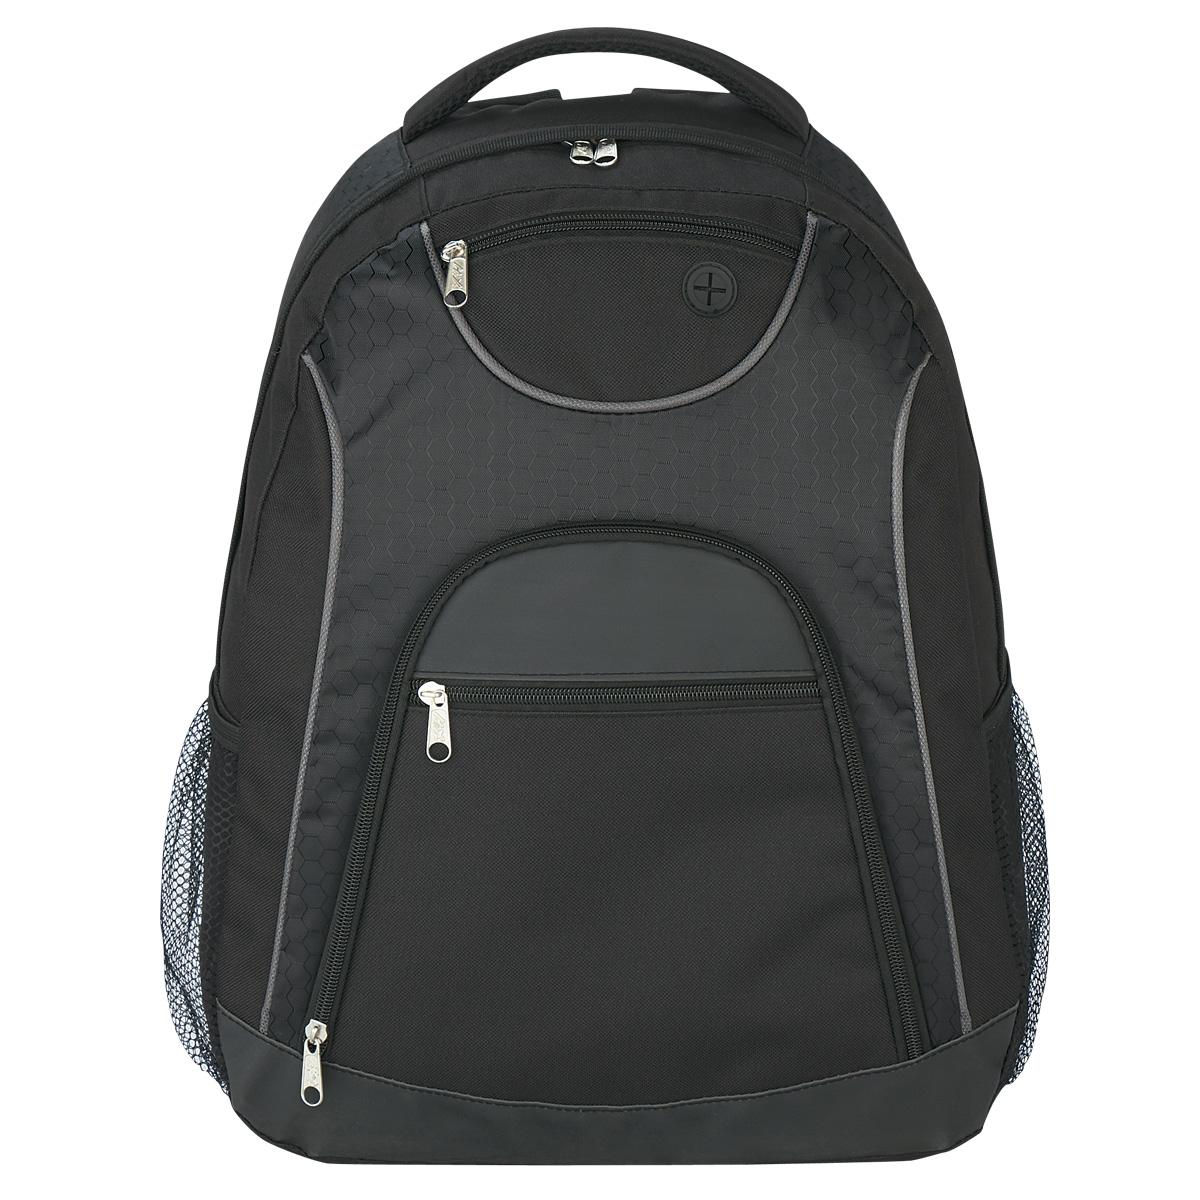 3419 - Backpack